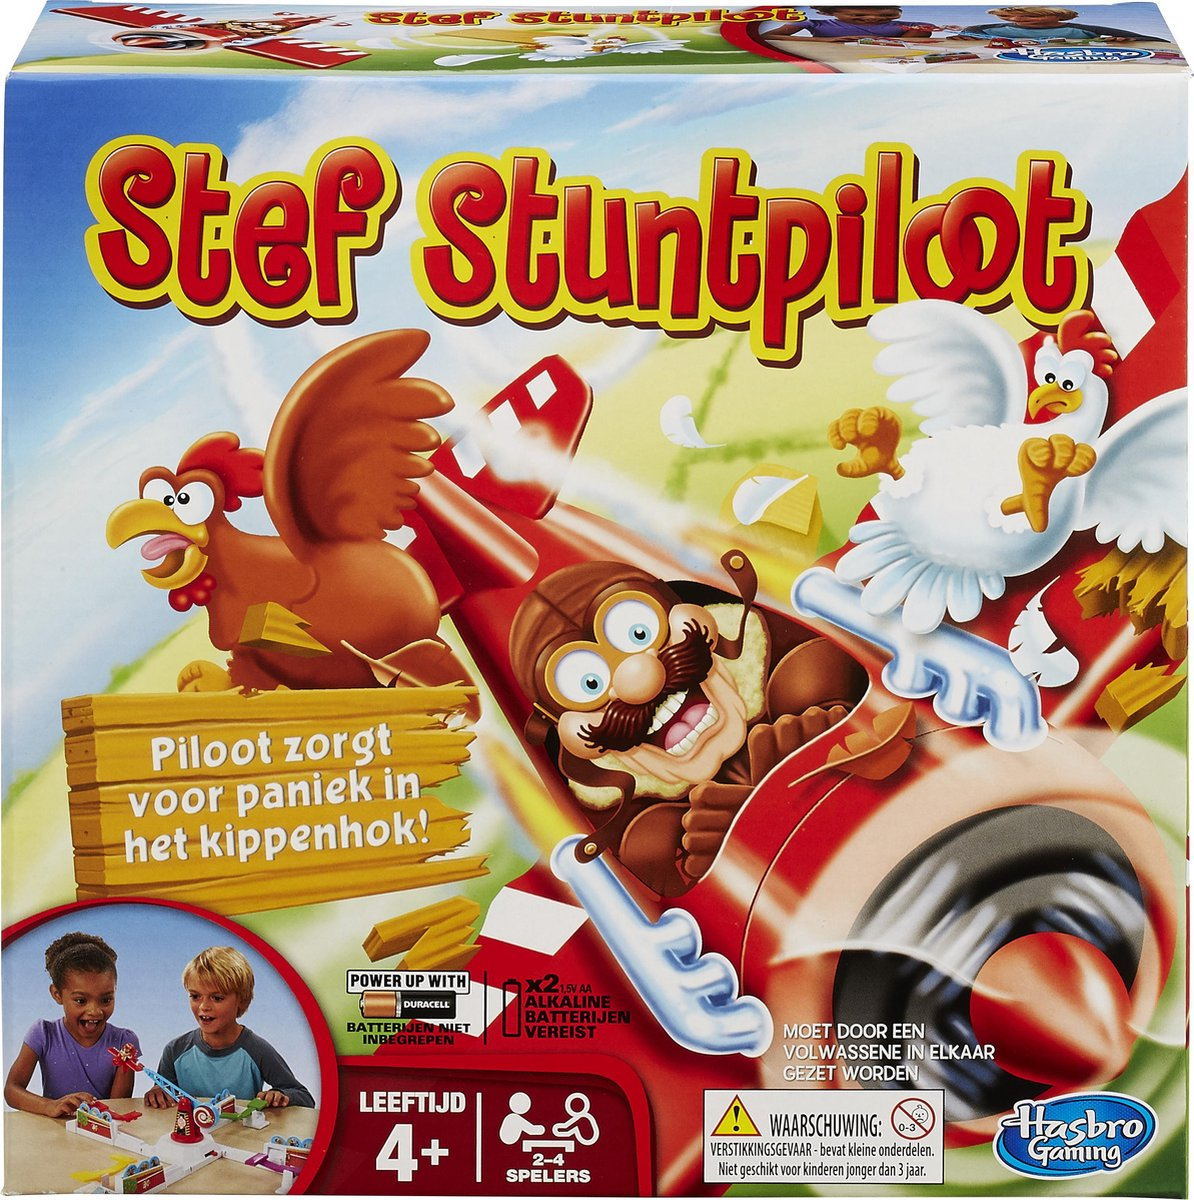 Stef Stuntpiloot - Bordspel